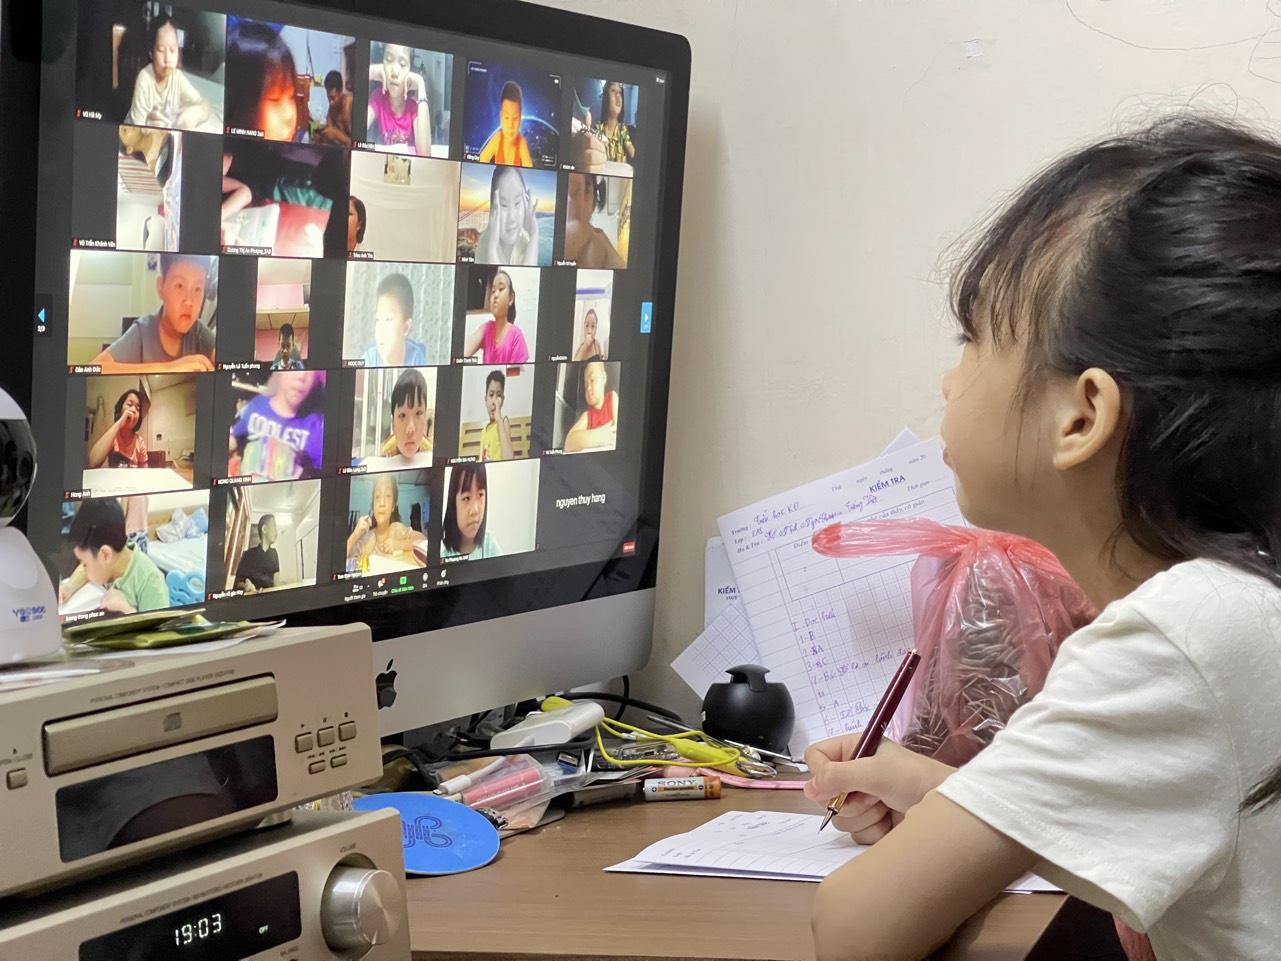 Học sinh các cấp tiểu học, trung học cơ sở cần có sự hướng dẫn của phụ huyh khi học trực tuyến /// Ngọc Thắng